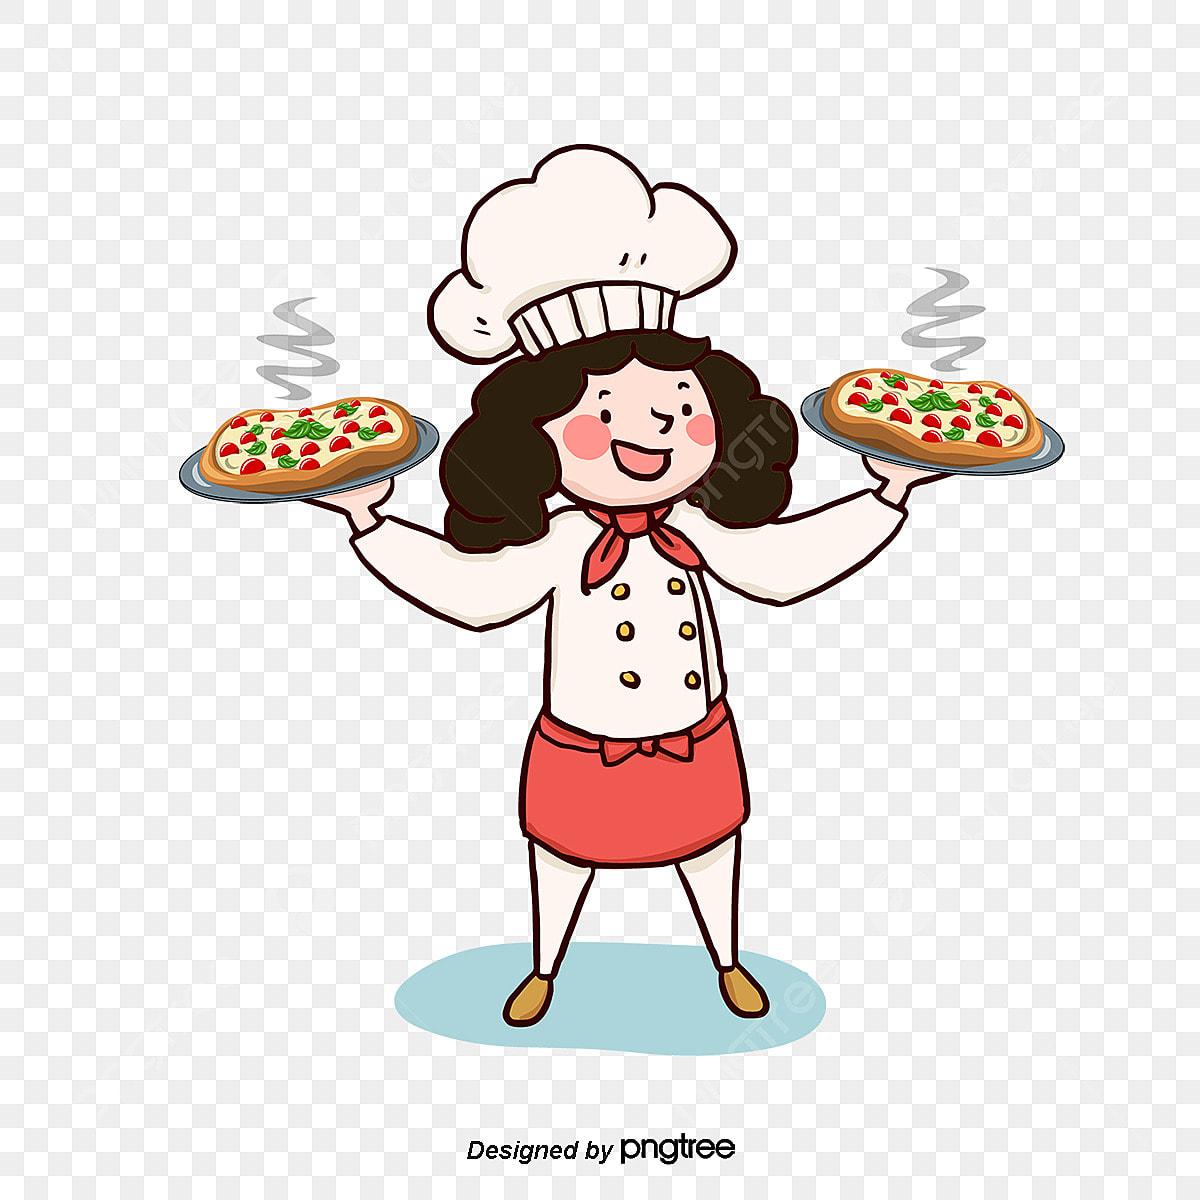 Vetor Desenho Cozinheiro Vector Pintados A Mao O Cozinheiro Png